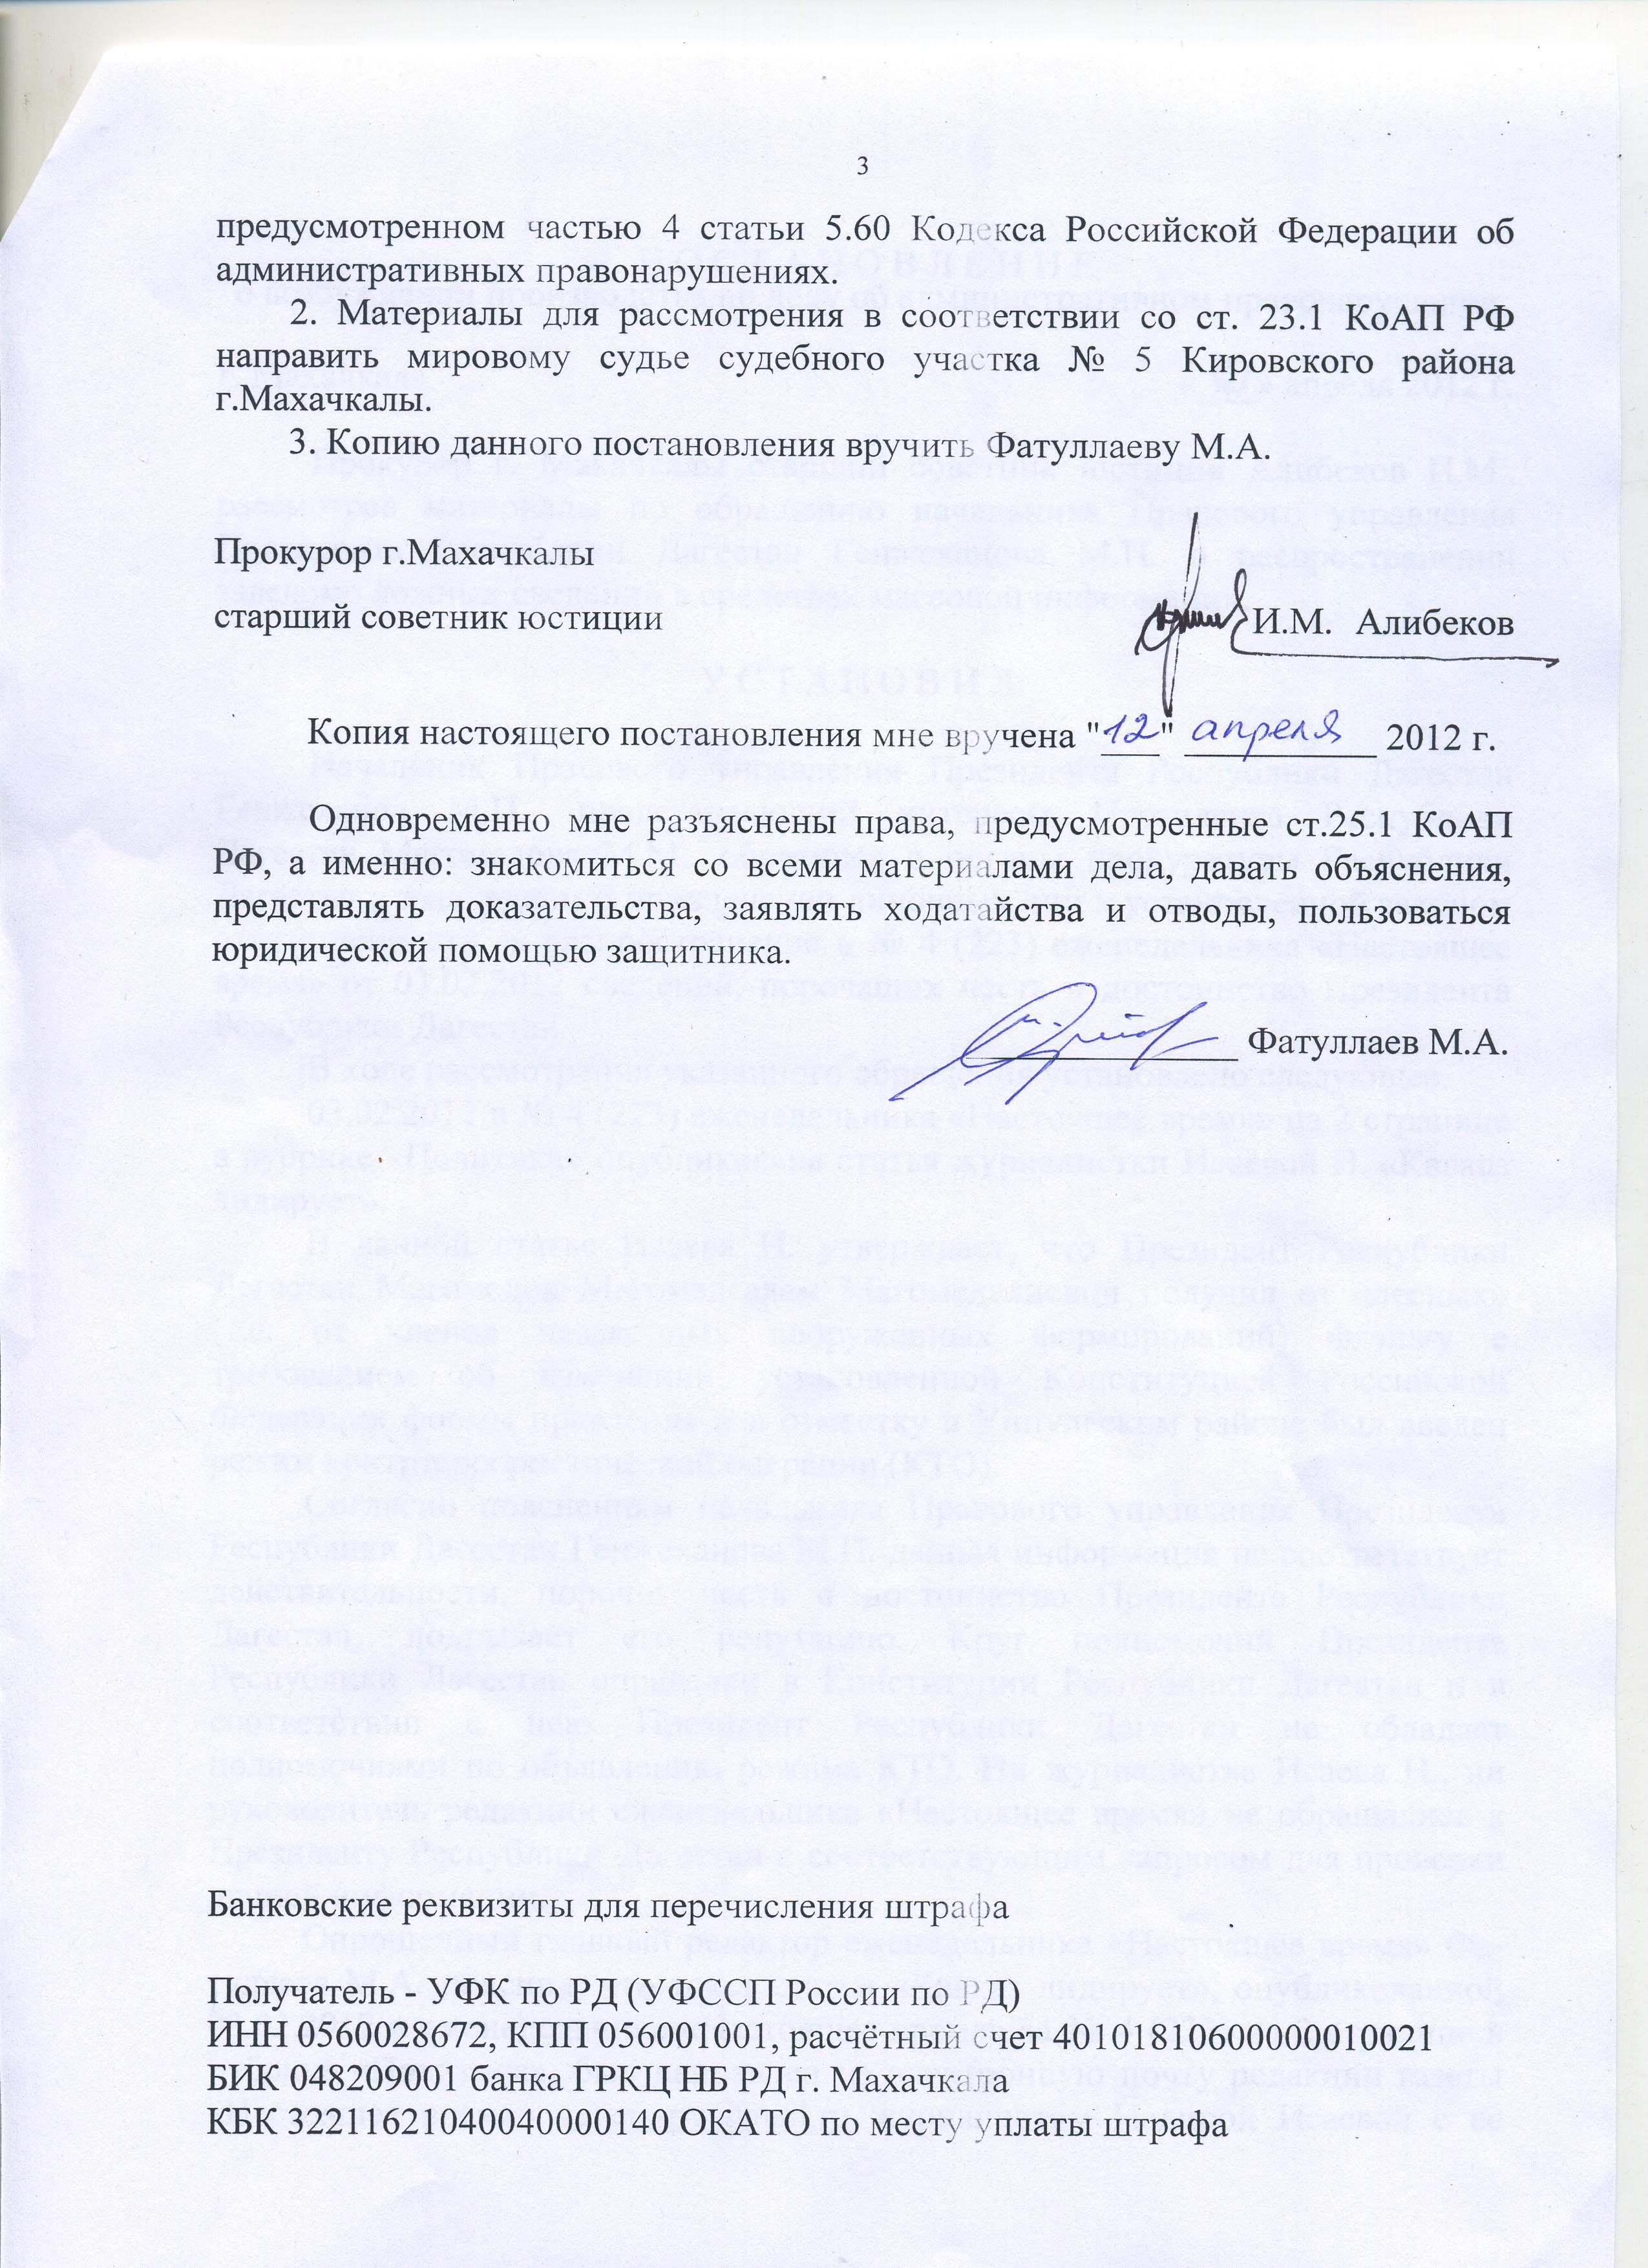 Постановление Прокурора об Административном Правонарушении образец